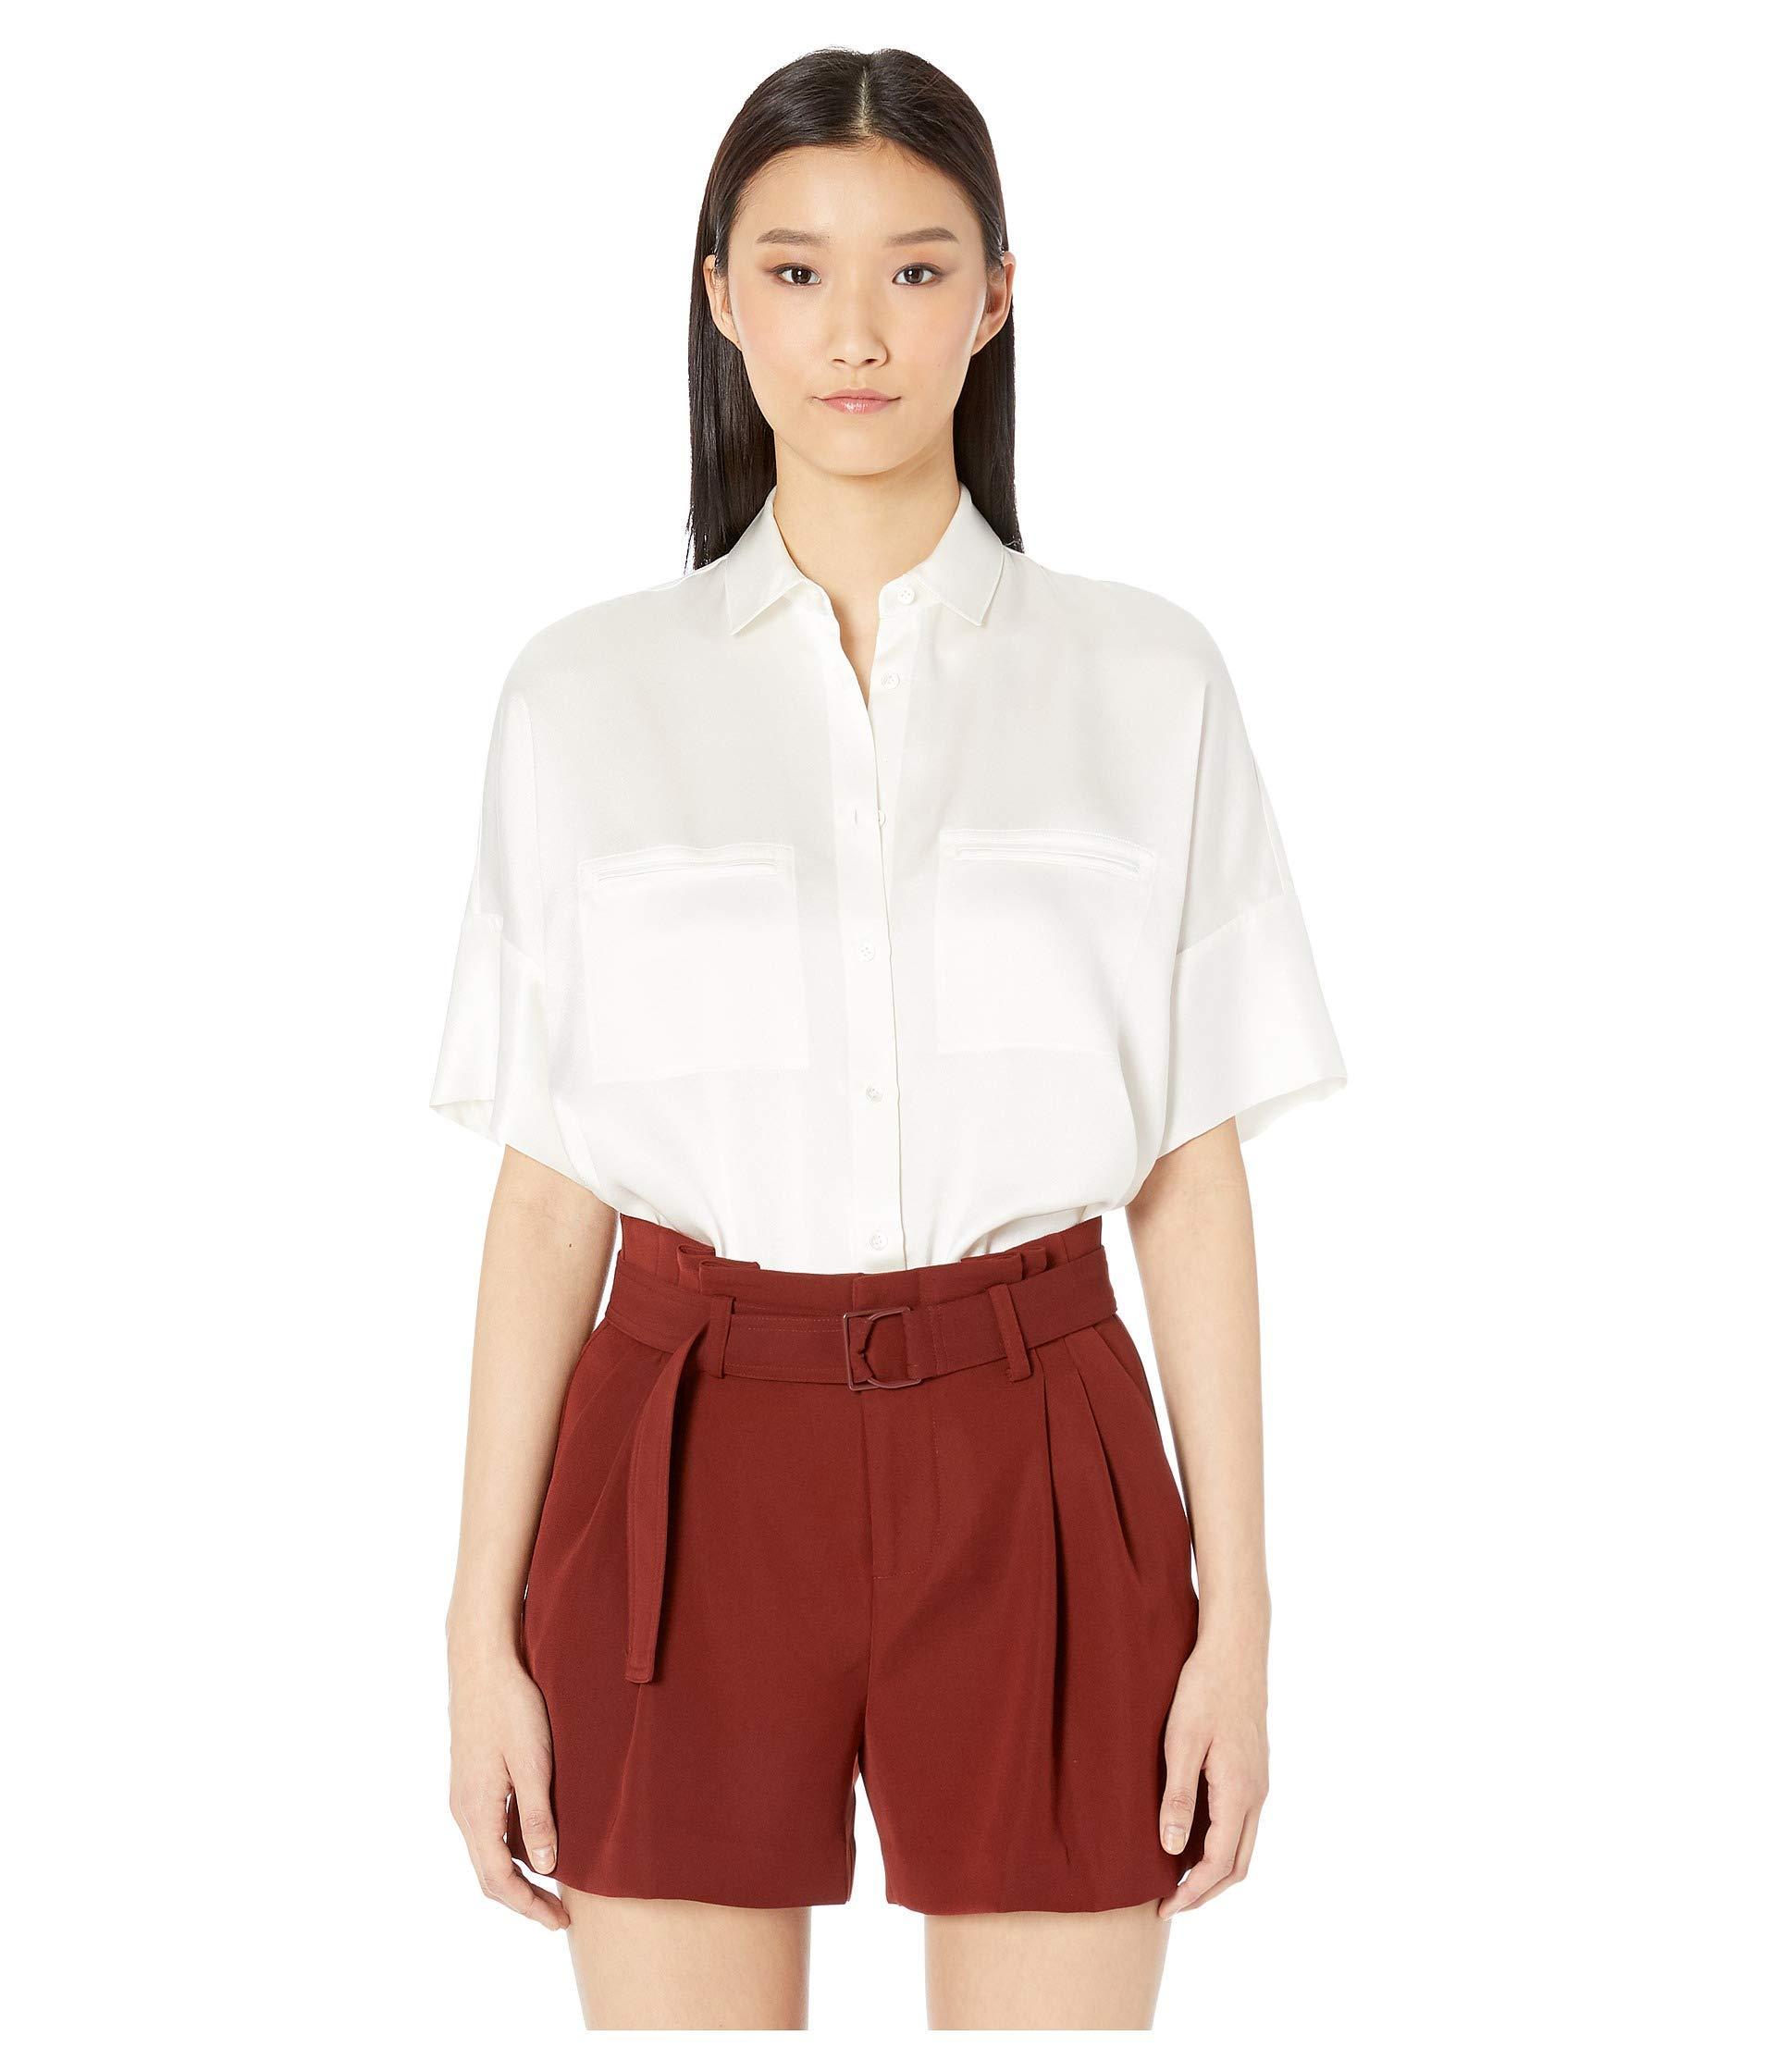 8d0318ed00e48 Lyst - Vince Short Sleeve Blouse (cottonwood) Women s Blouse in White